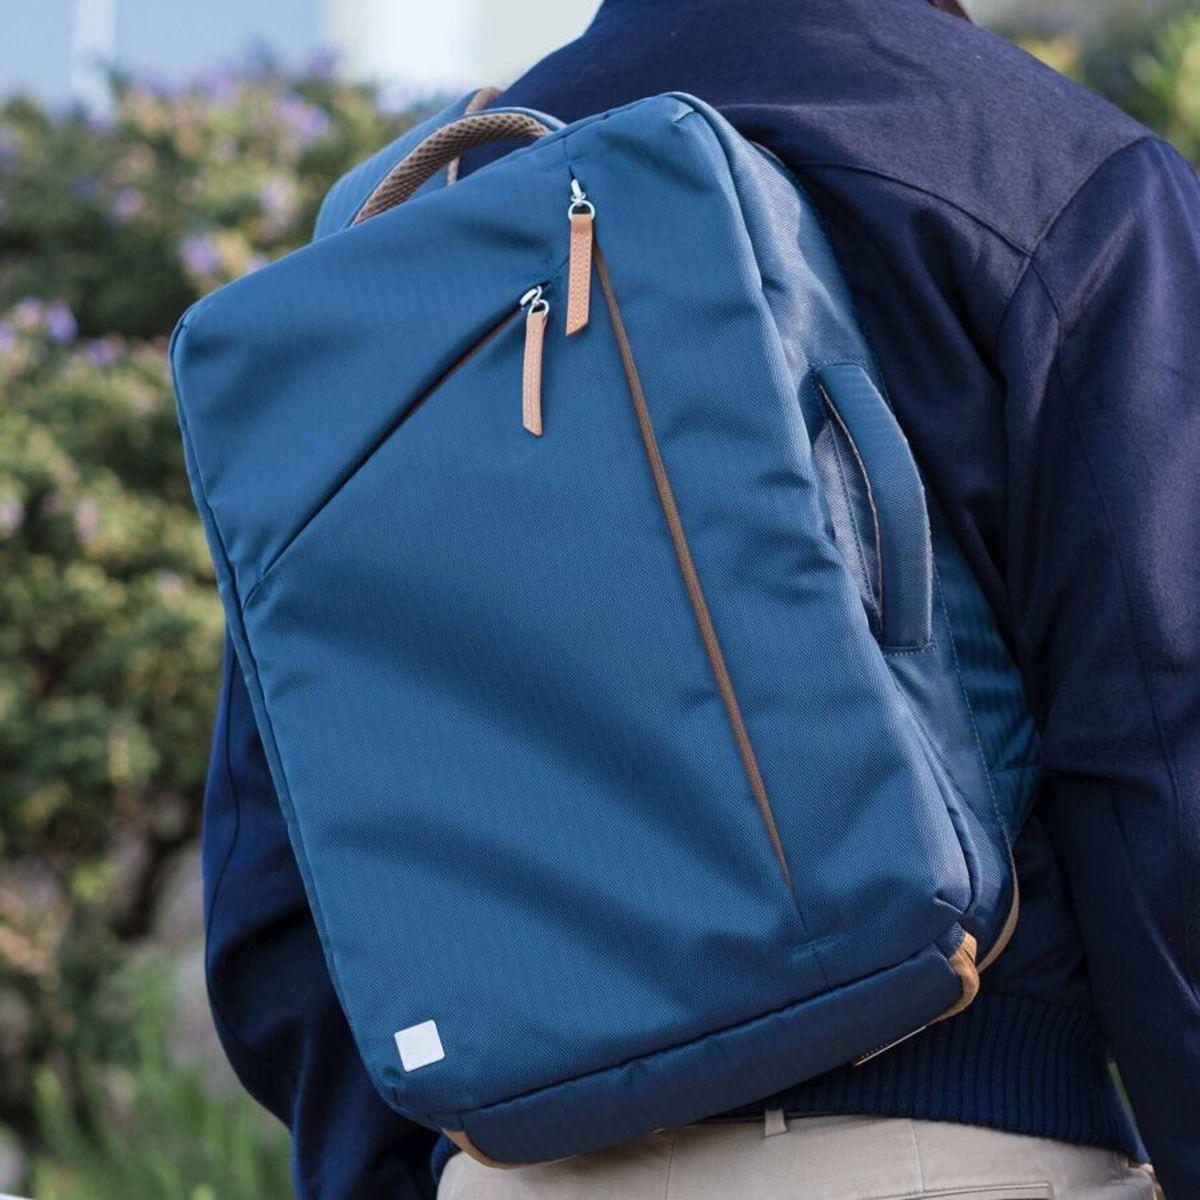 VenturoSling backpack